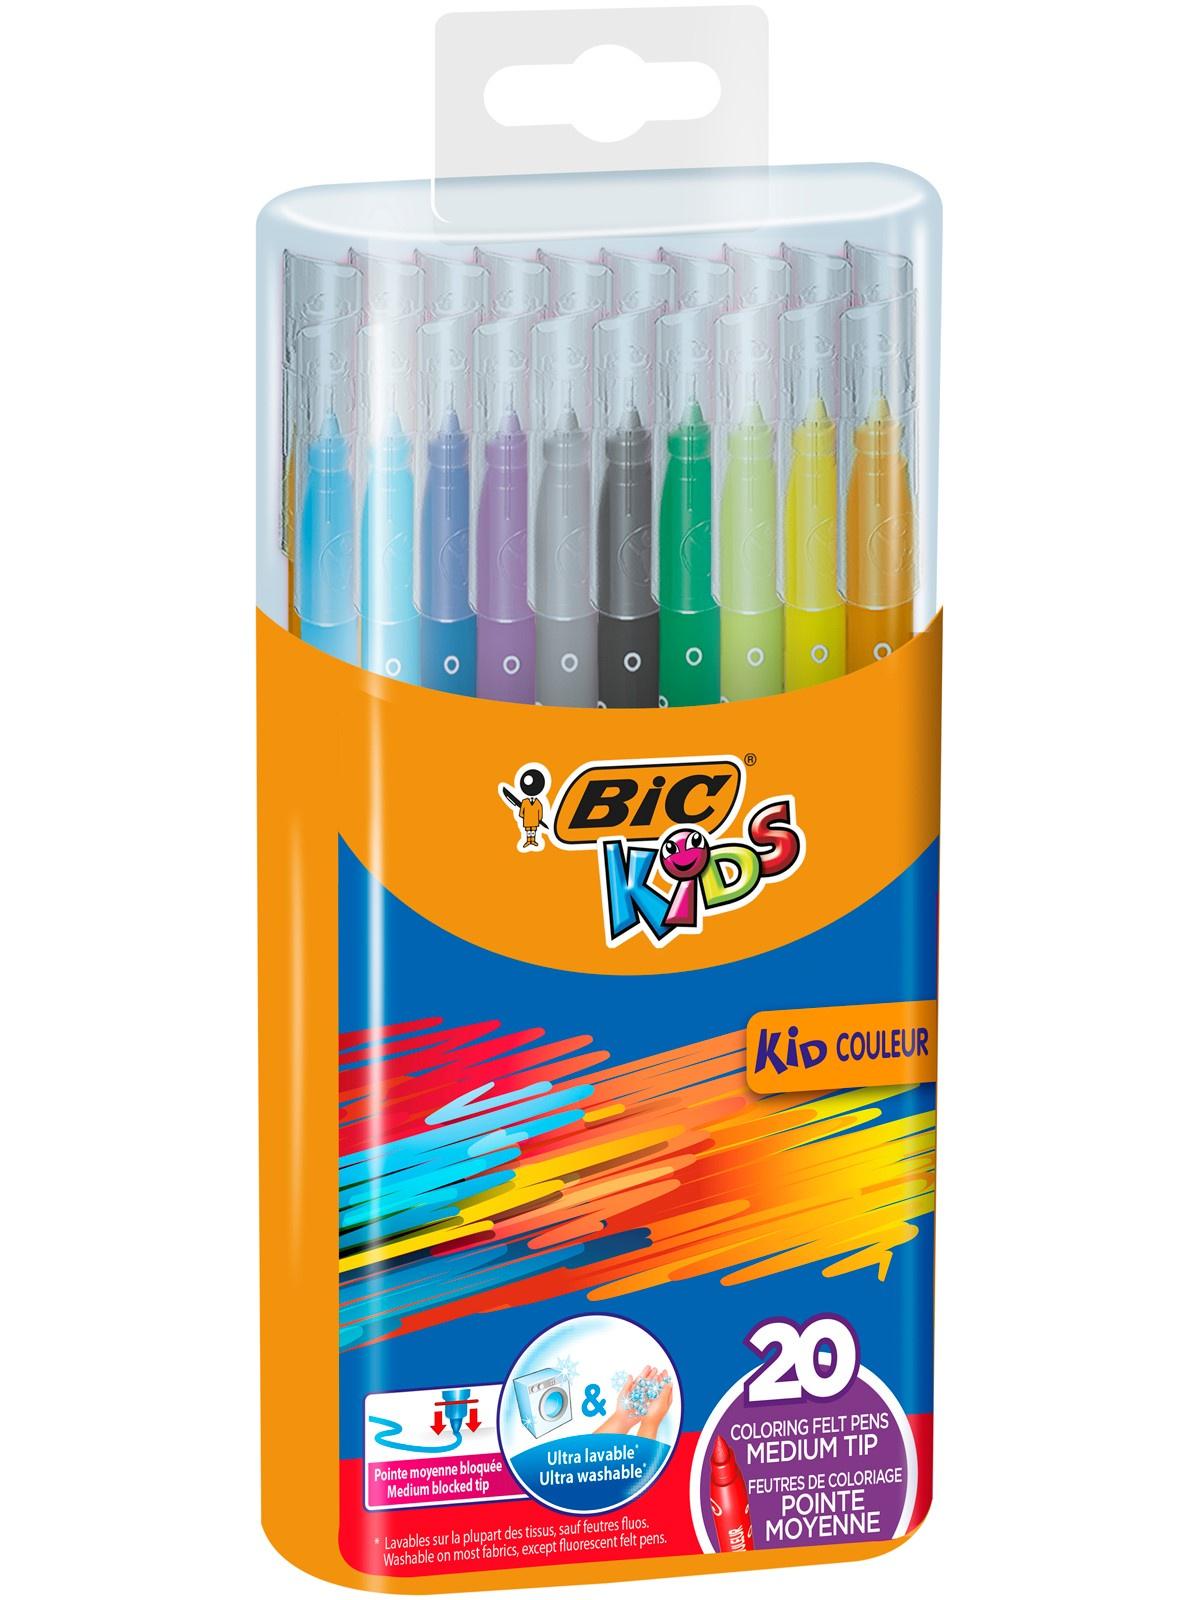 Фломастеры BIC Kids Kid Couleur 20 цветов в пластиковом боксе